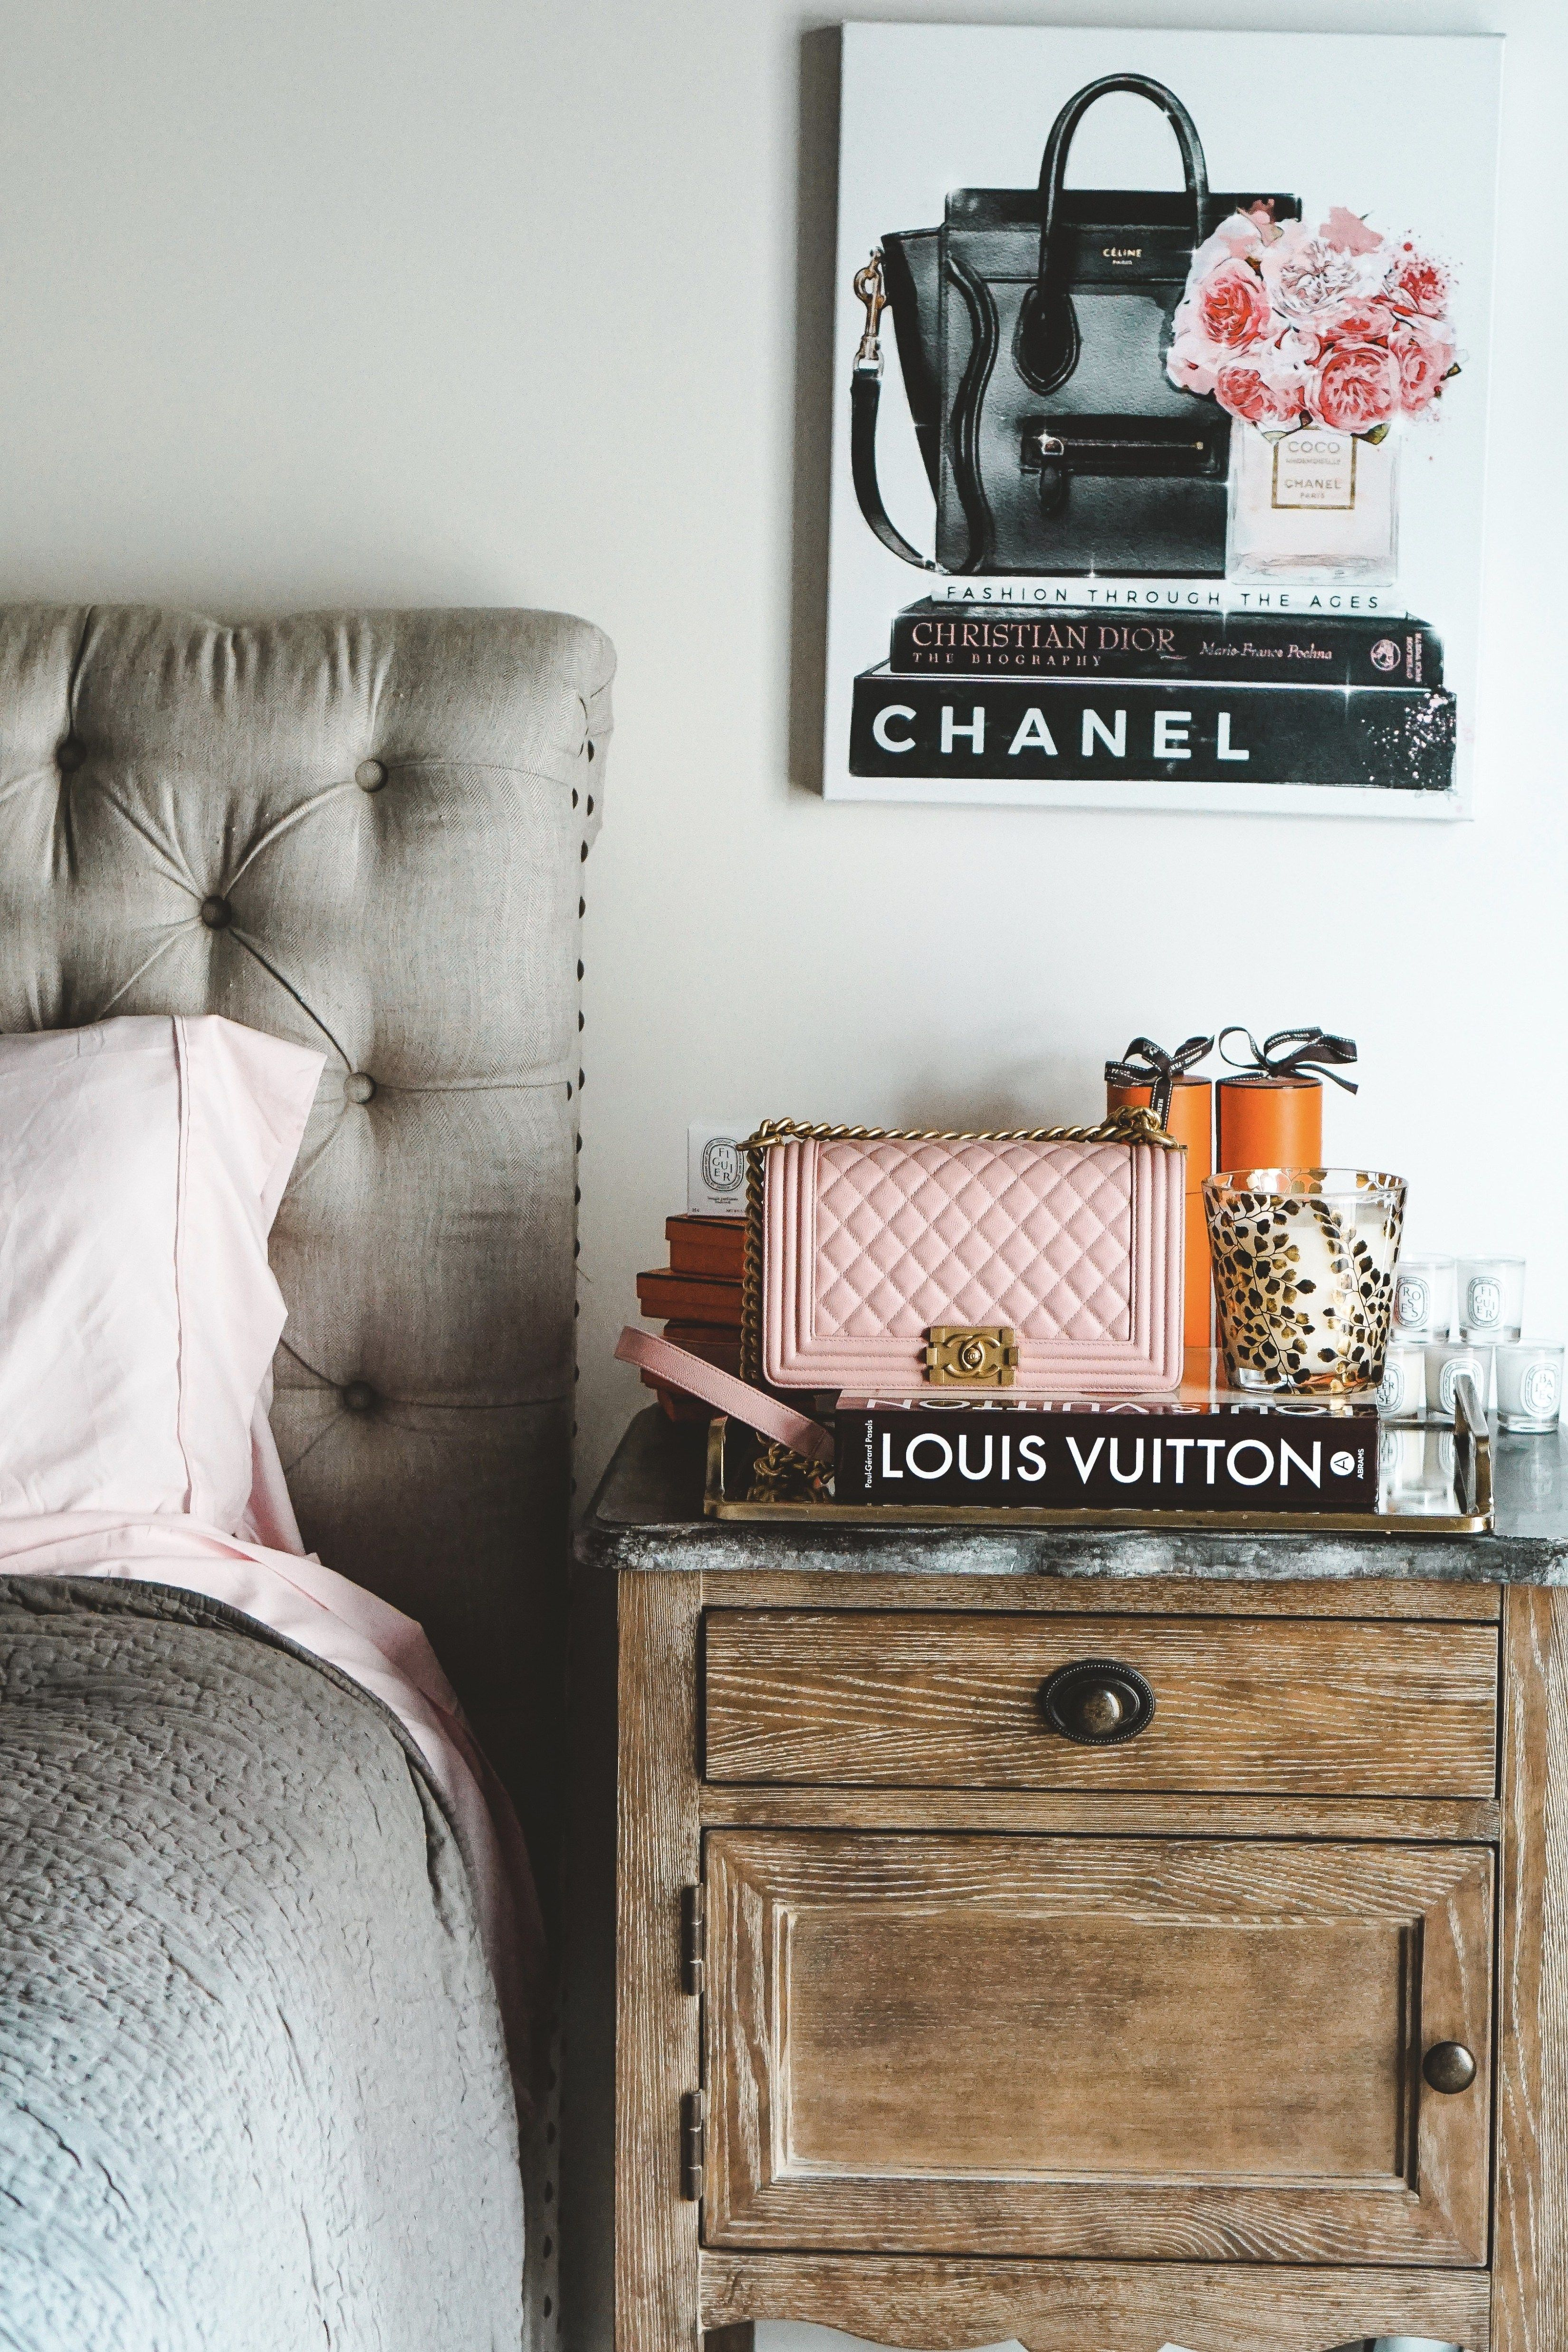 Tampa Bedroom Tour Grey bed frame, Decor, Dresser as